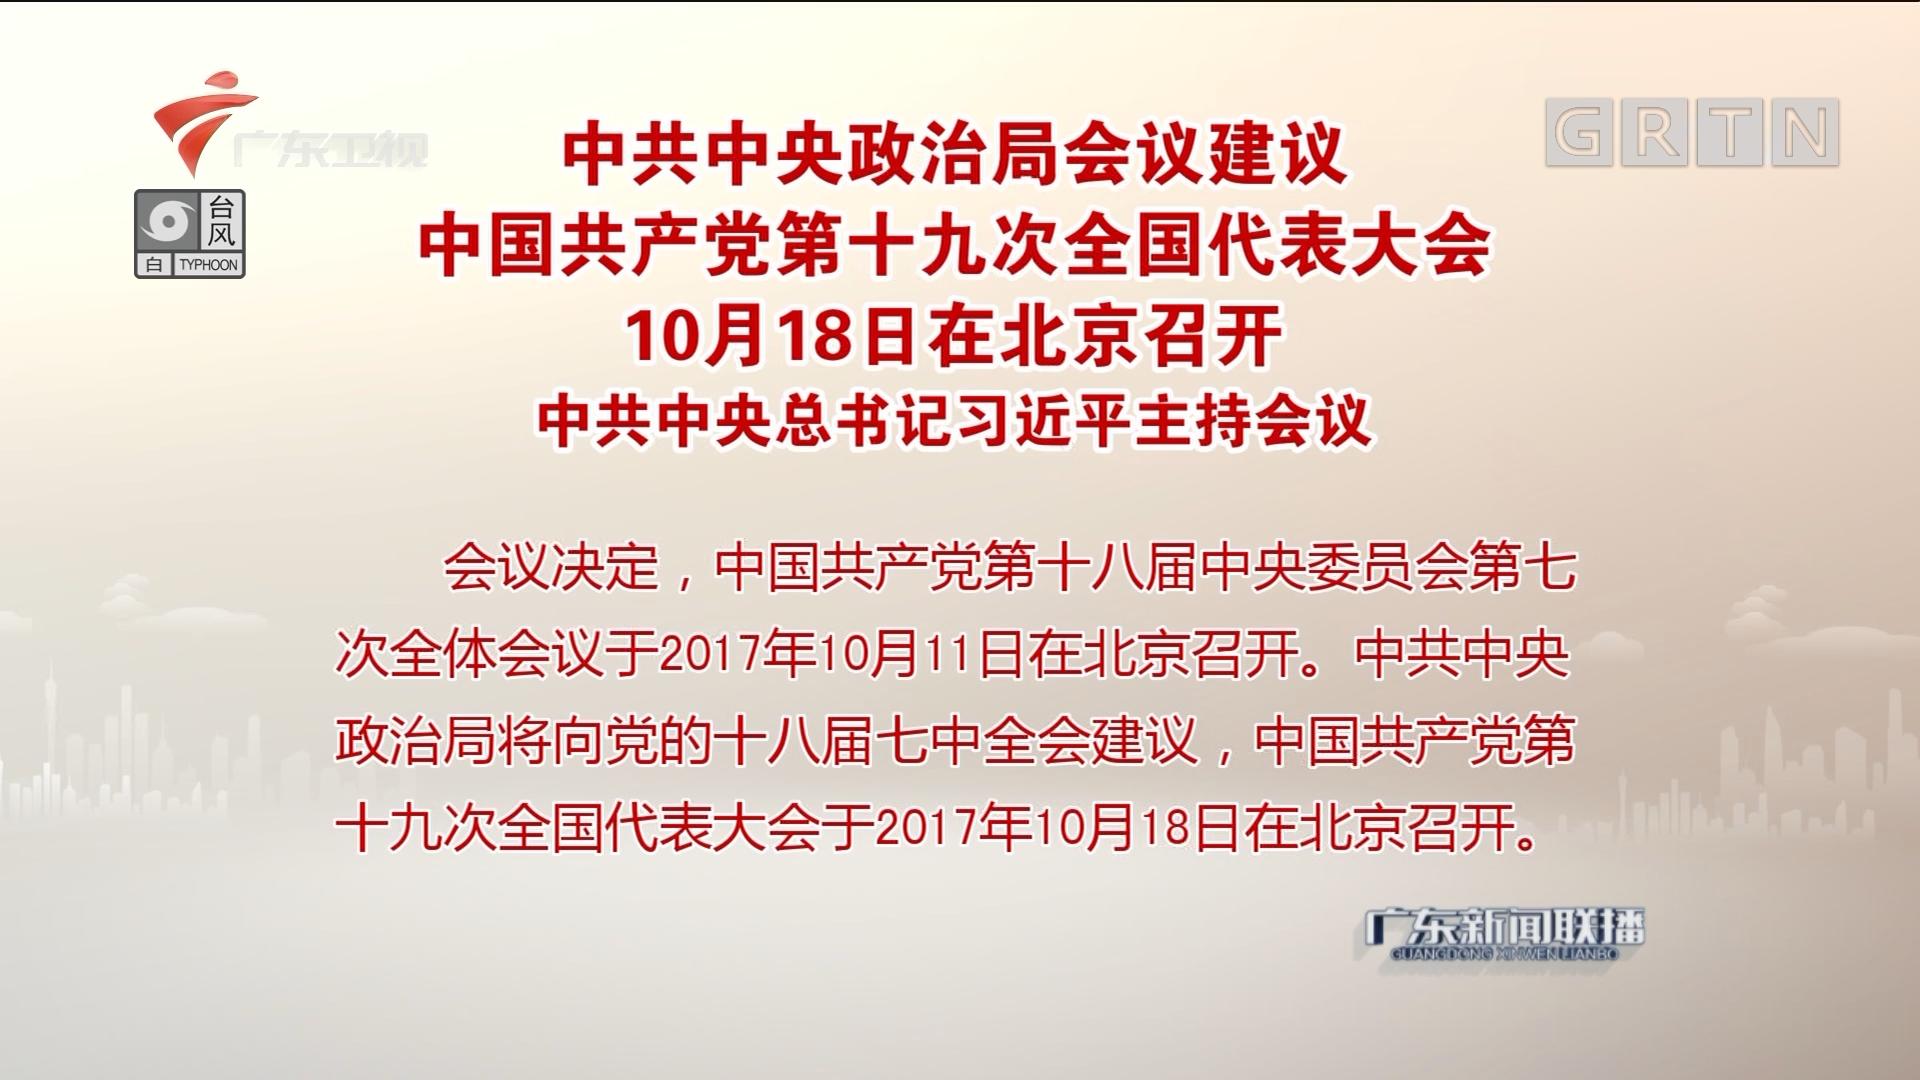 中共中央政治局会议建议 中国共产党第十九次全国代表大会10月18日在北京召开 中共中央总书记习近平主持会议